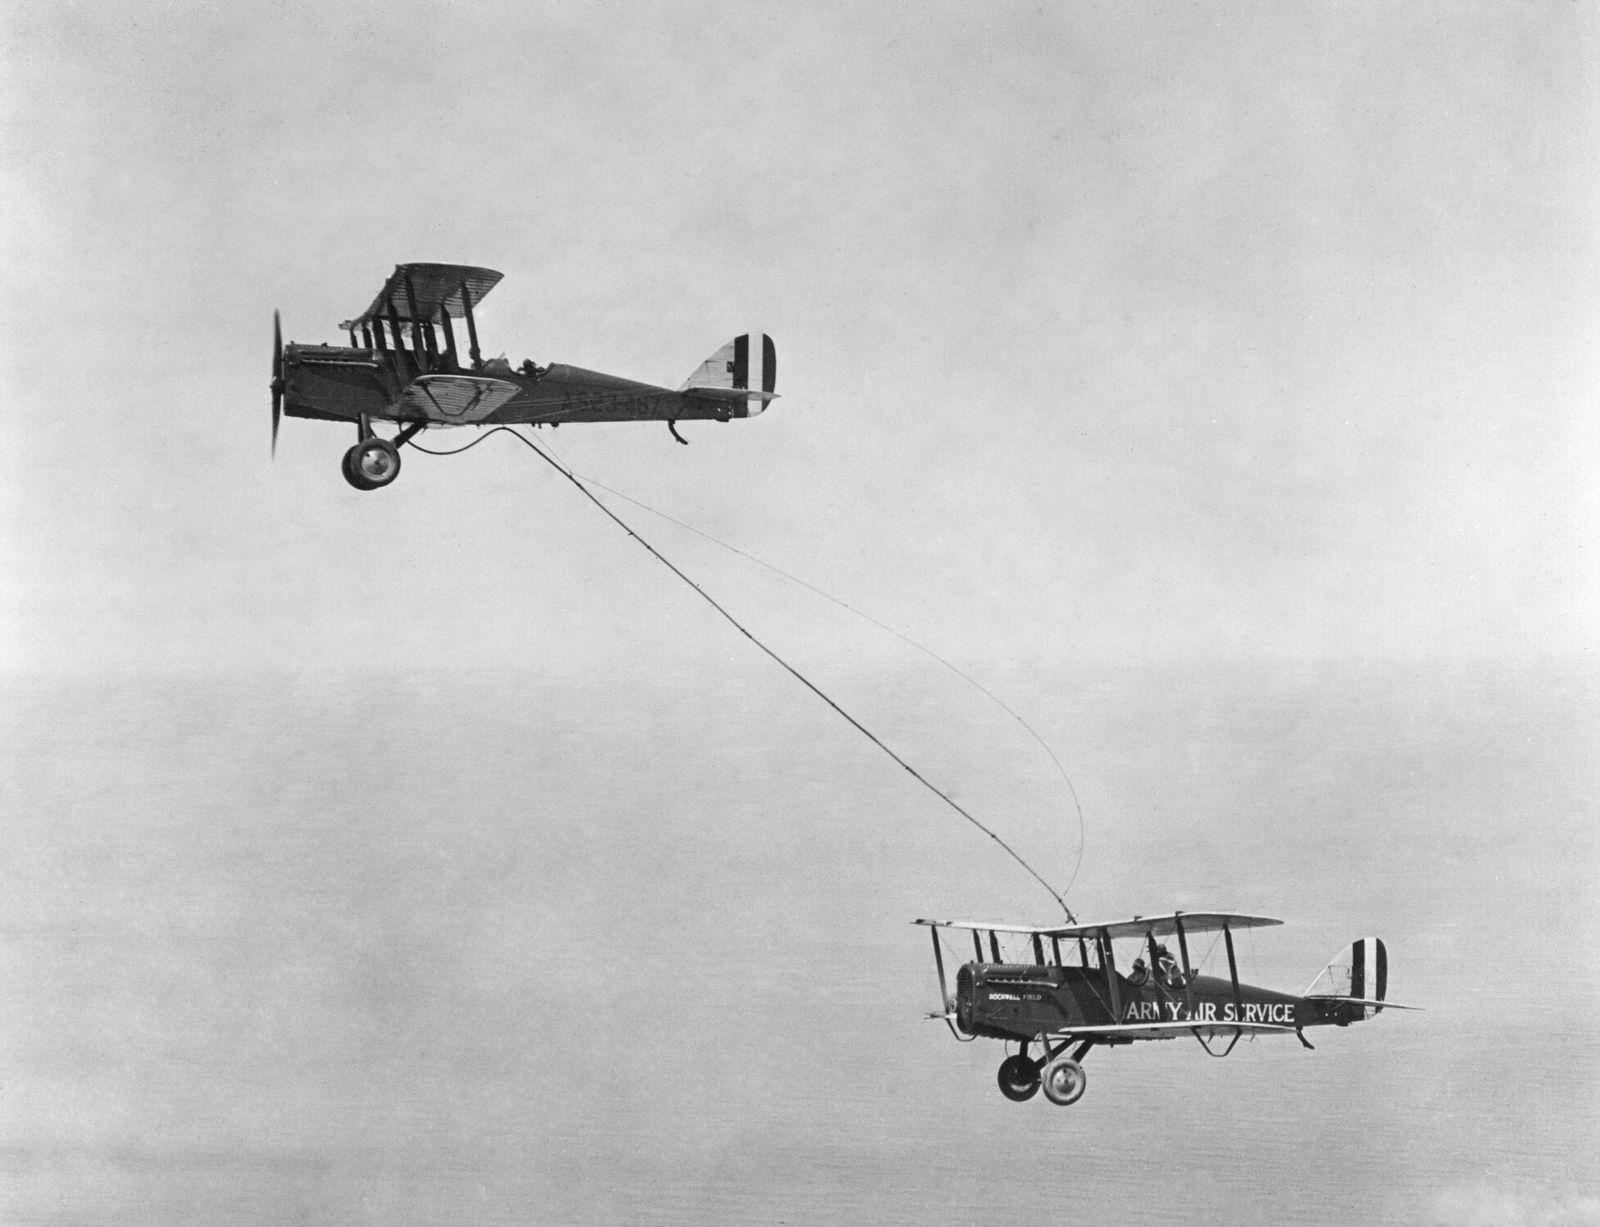 Erste Luftbetankung in den USA, 1923